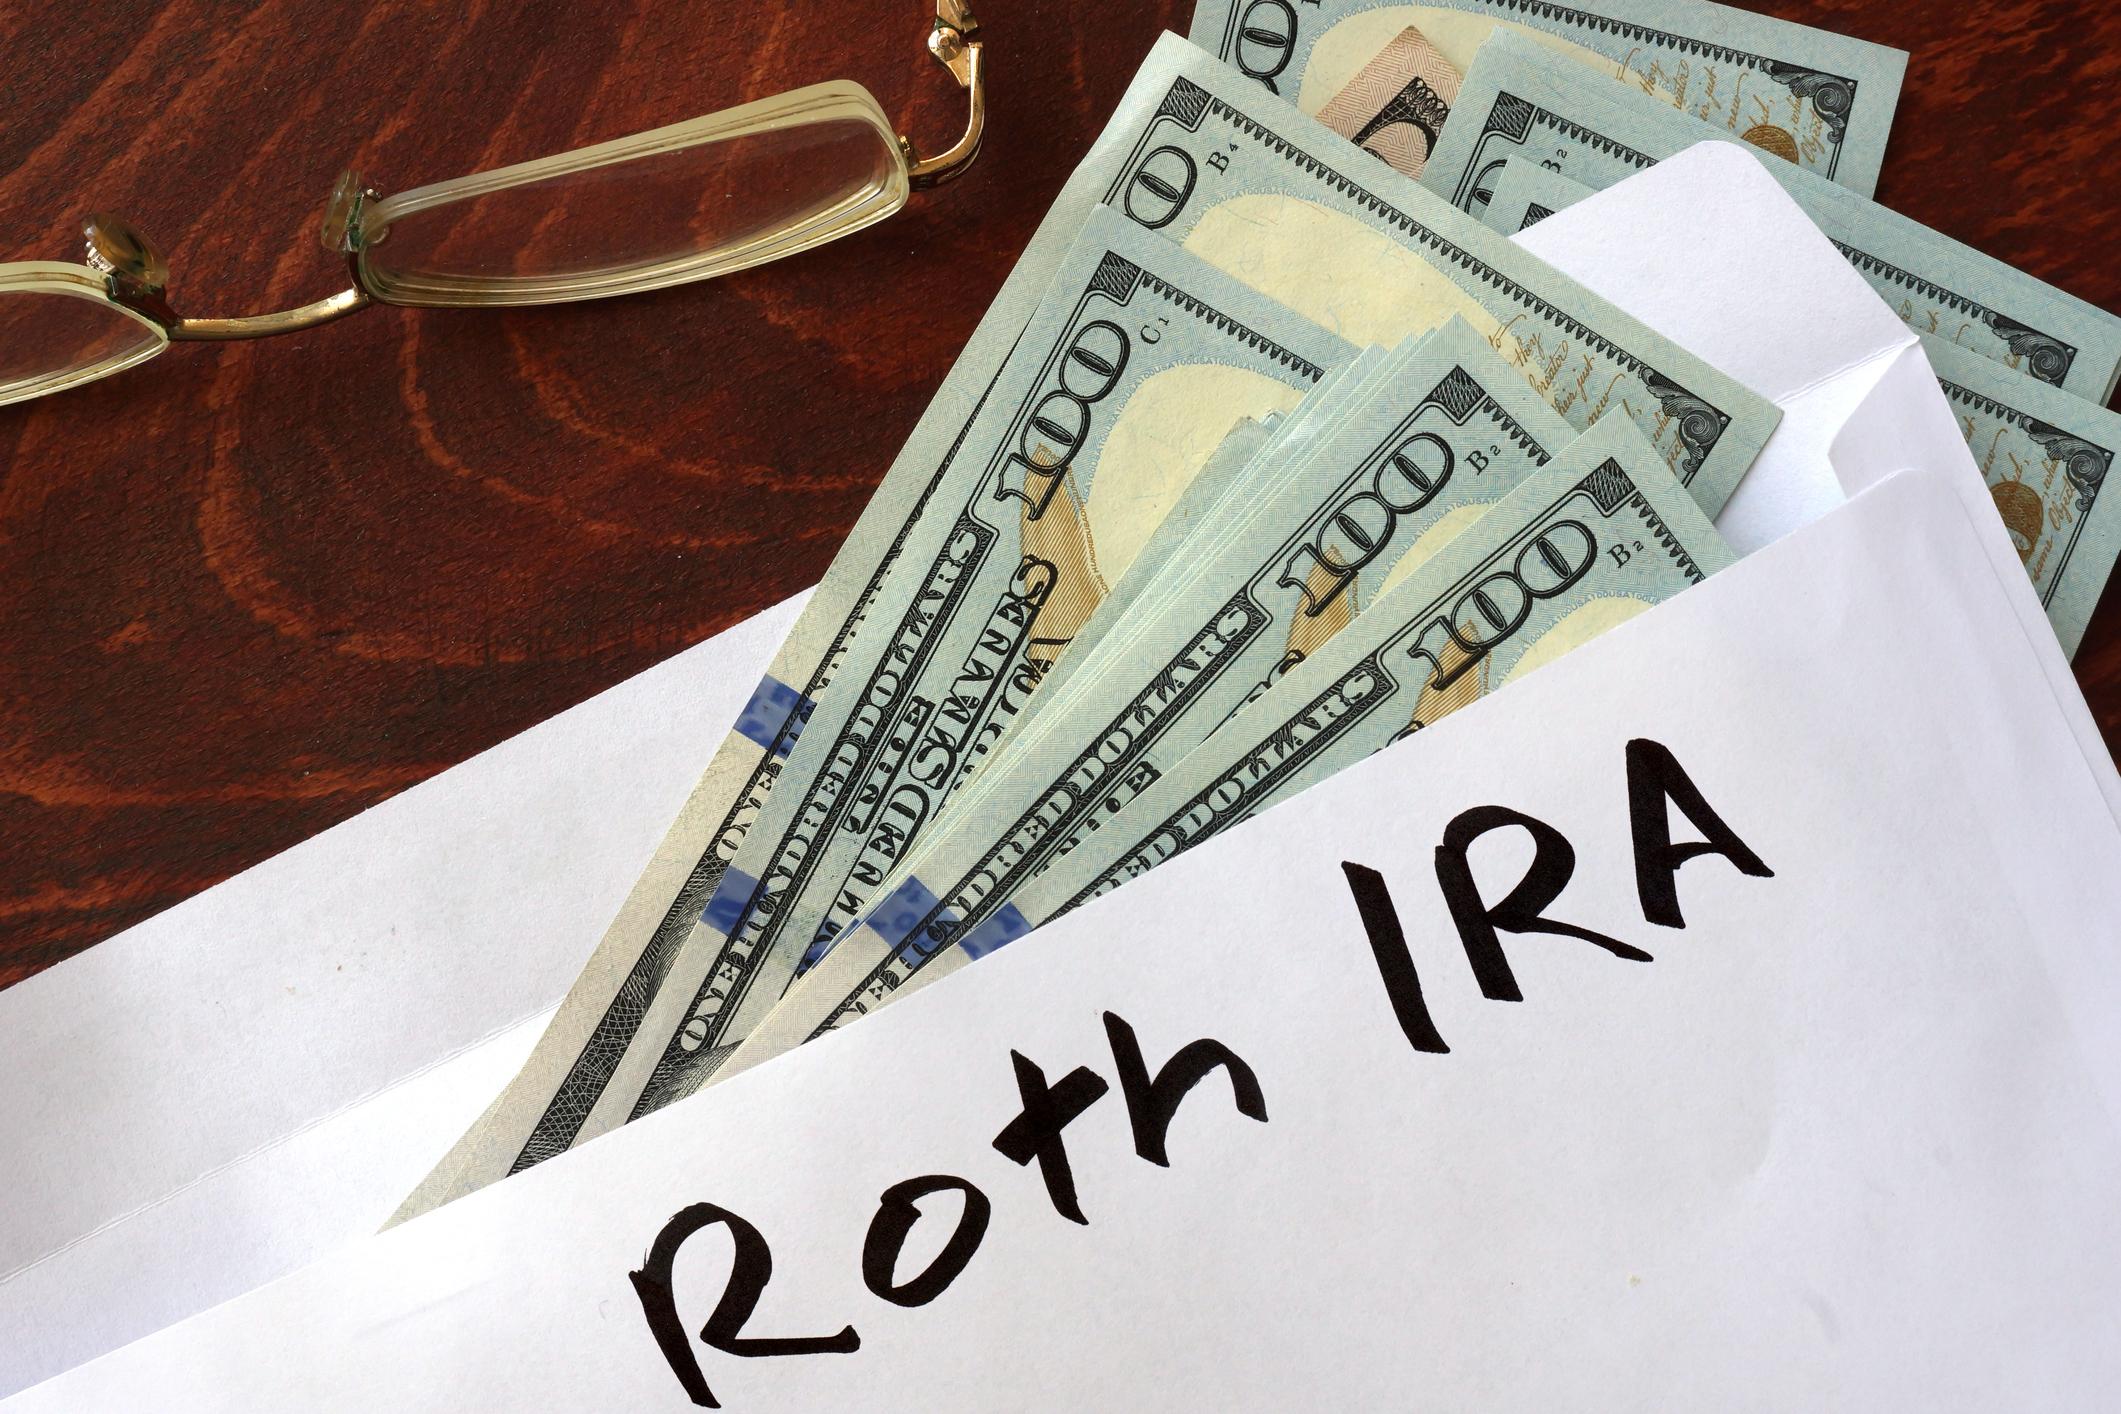 Envelope full of money for Roth IRA.